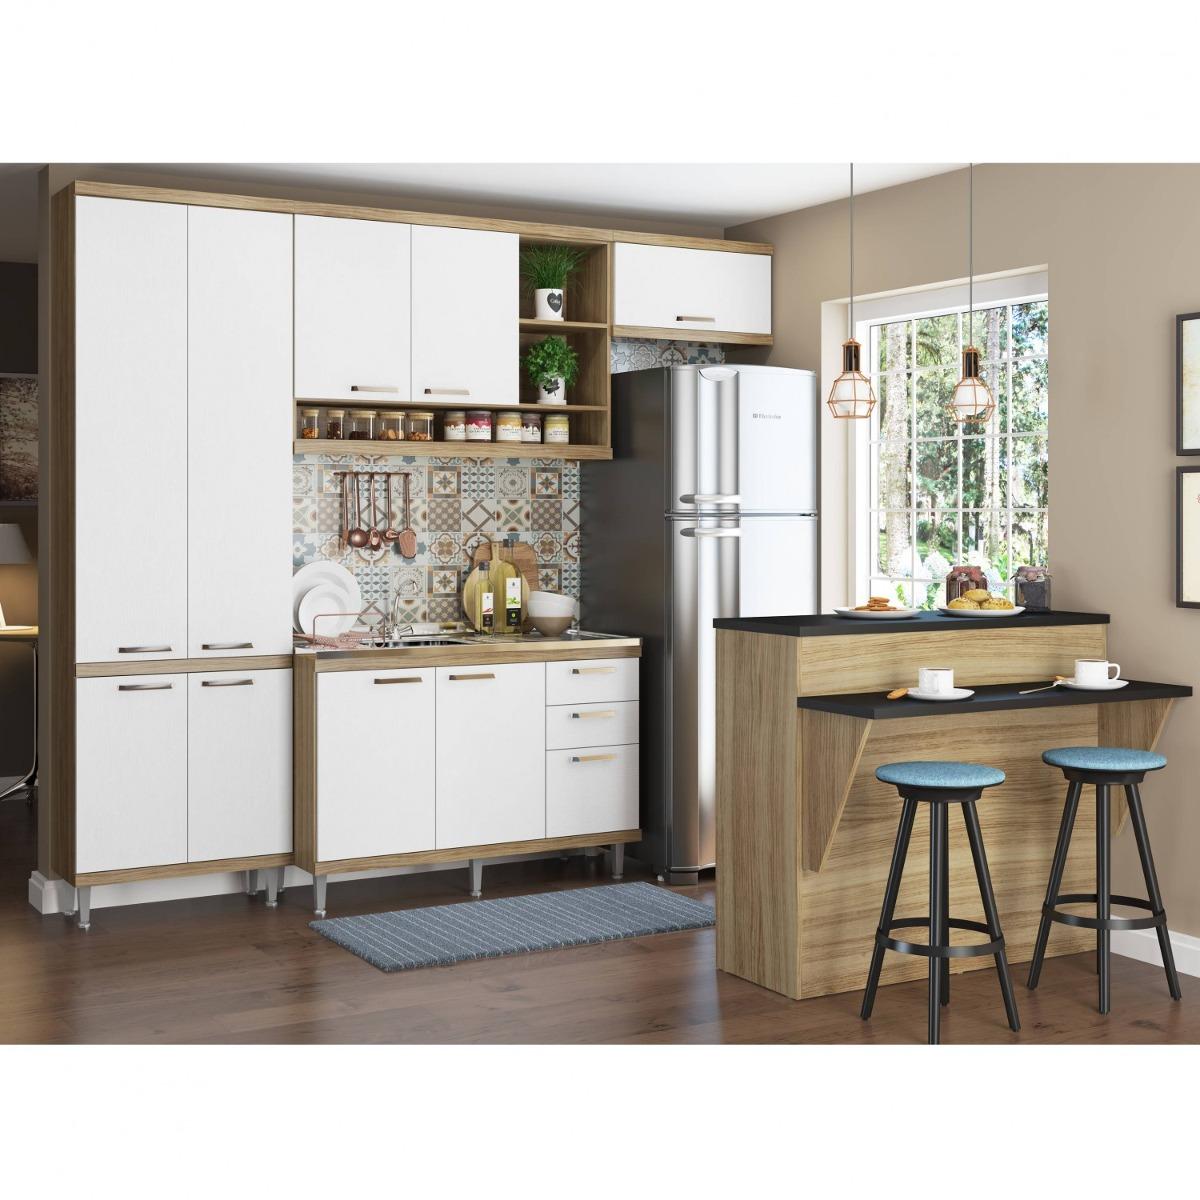 Cozinha Completa Com Bancada E Balc O Sem Tampo 5 Ed R 1 849 90